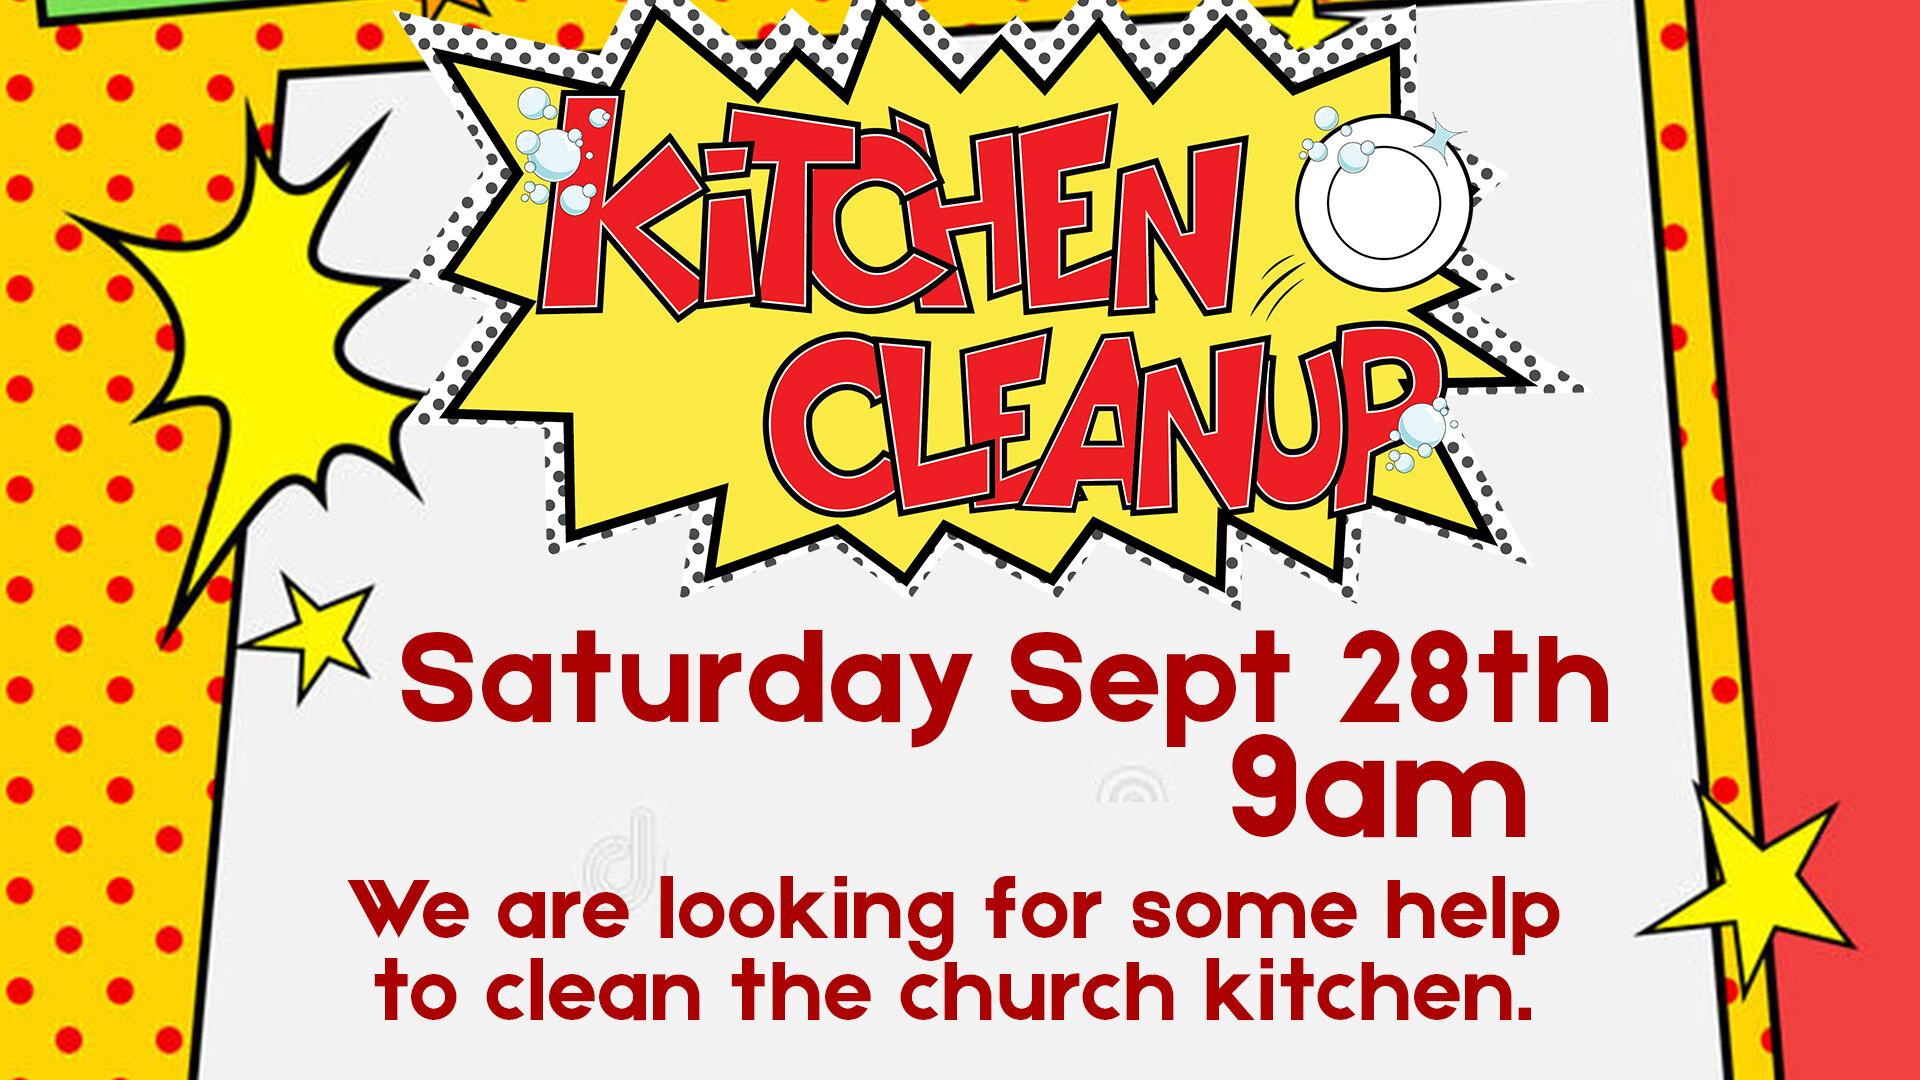 Kitchen Cleanup Announcement.jpg